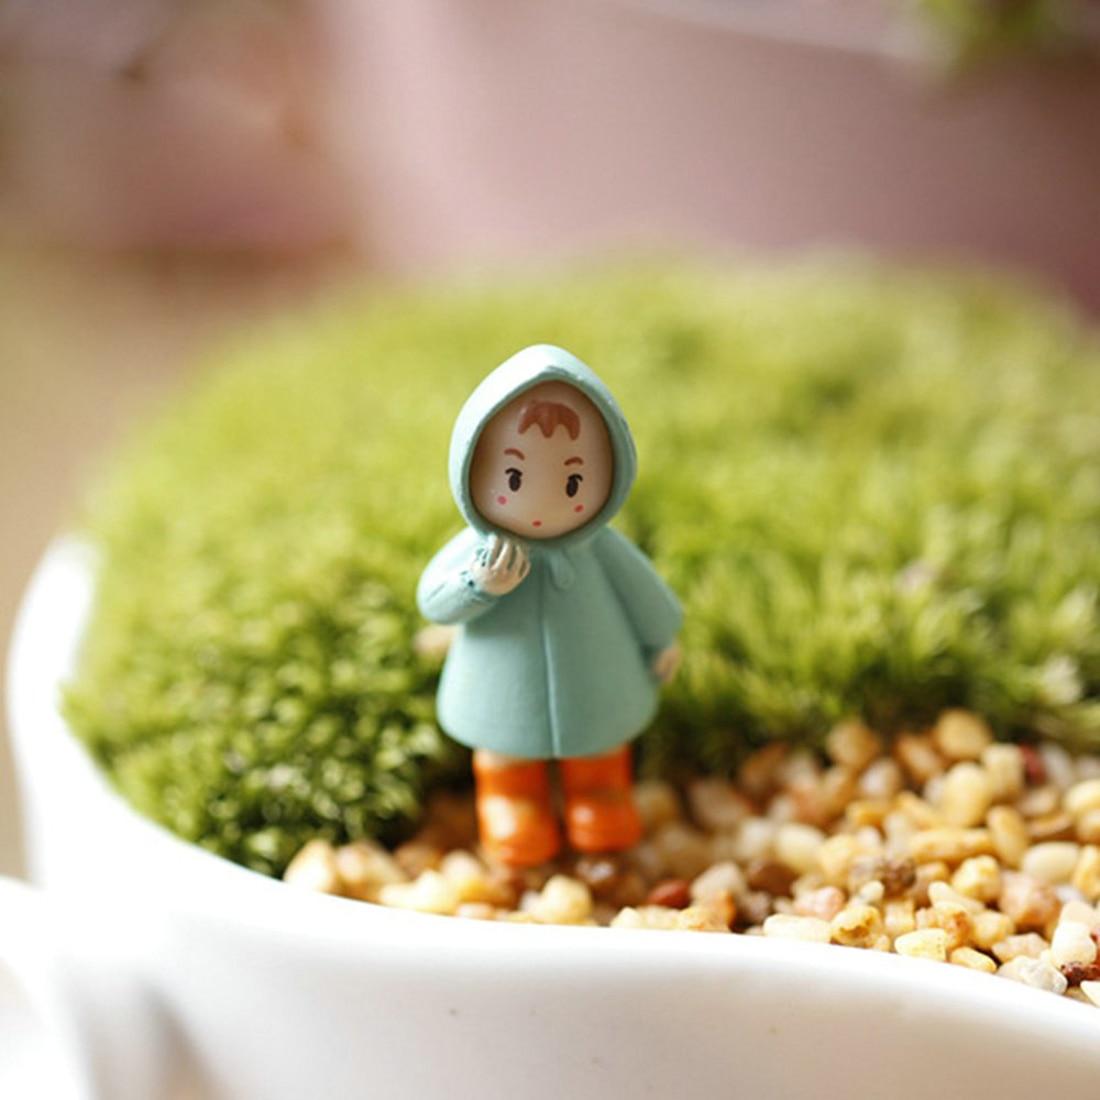 Garden Gnomes On Sale: Big Sale 1PCS Cute Mini Figurines Miniature Girl Mei Resin